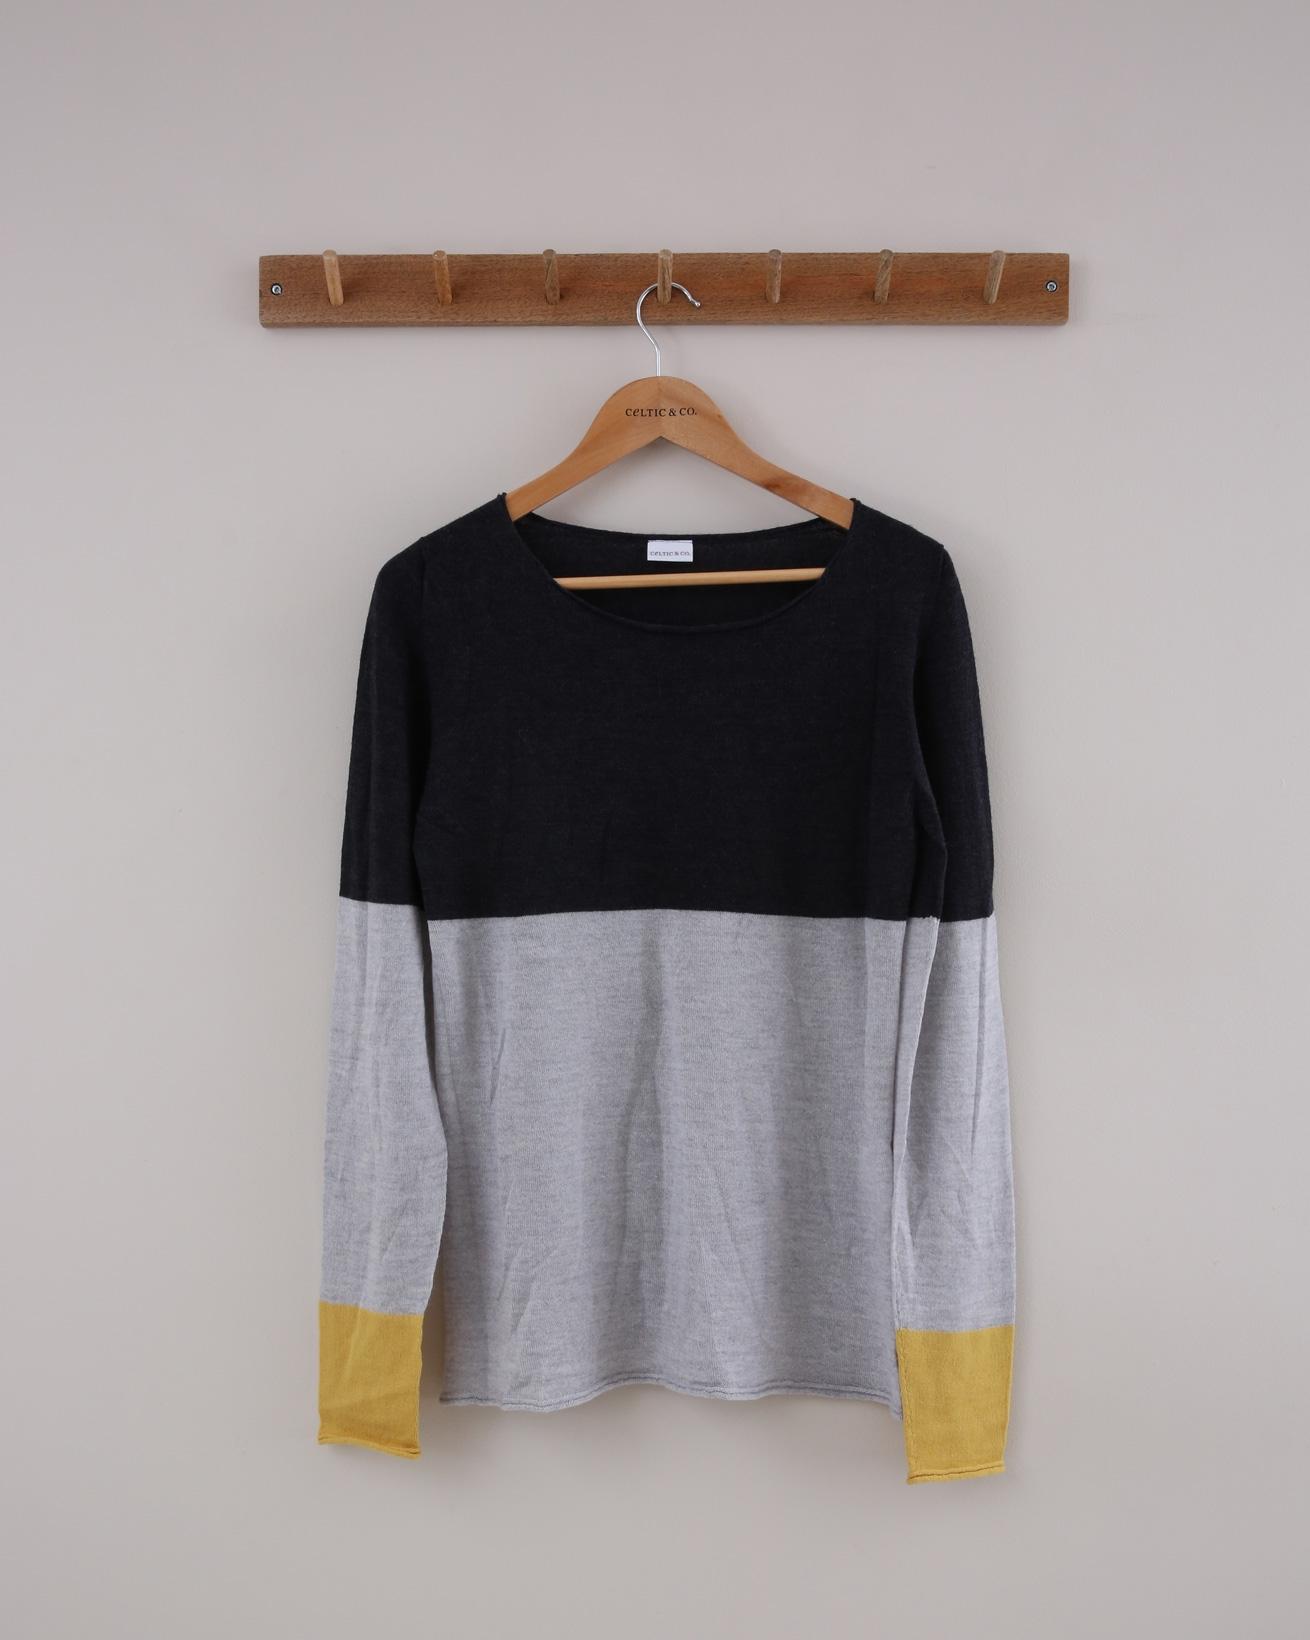 Fine Knit Merino Crew Jumper - Small - Grey & Gorse Colourblock - 1405